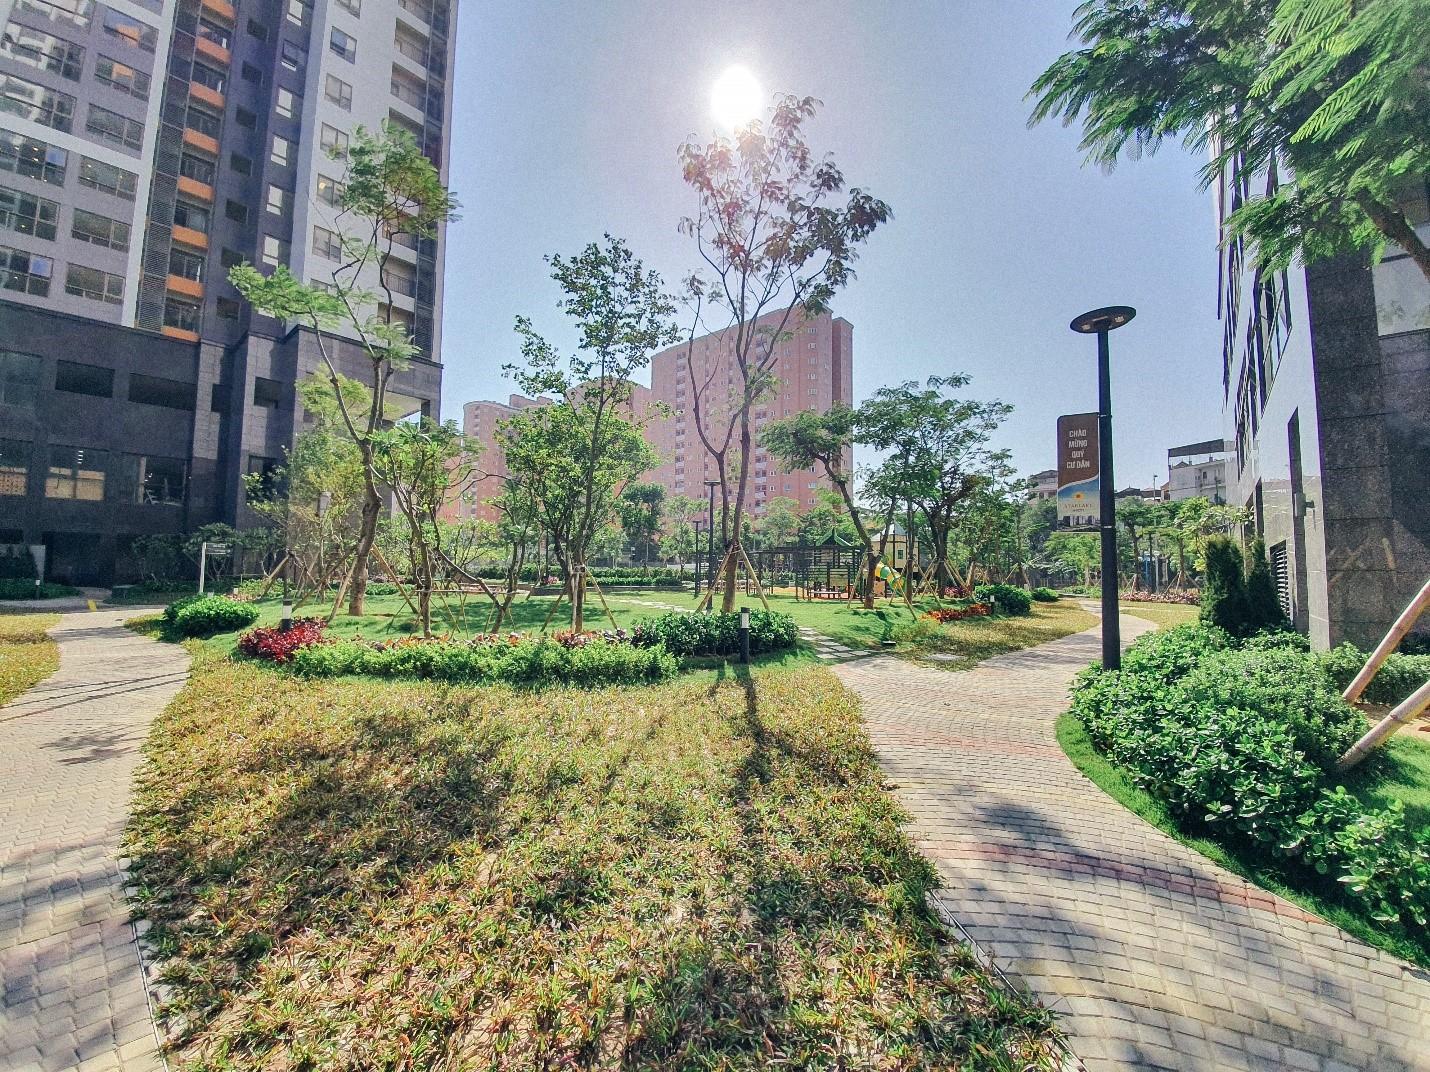 20210205152707 22dc Tin thị trường BĐS mới: Starlake Tây Hồ Tây - nguồn cảm hứng từ những căn hộ Hàn Quốc